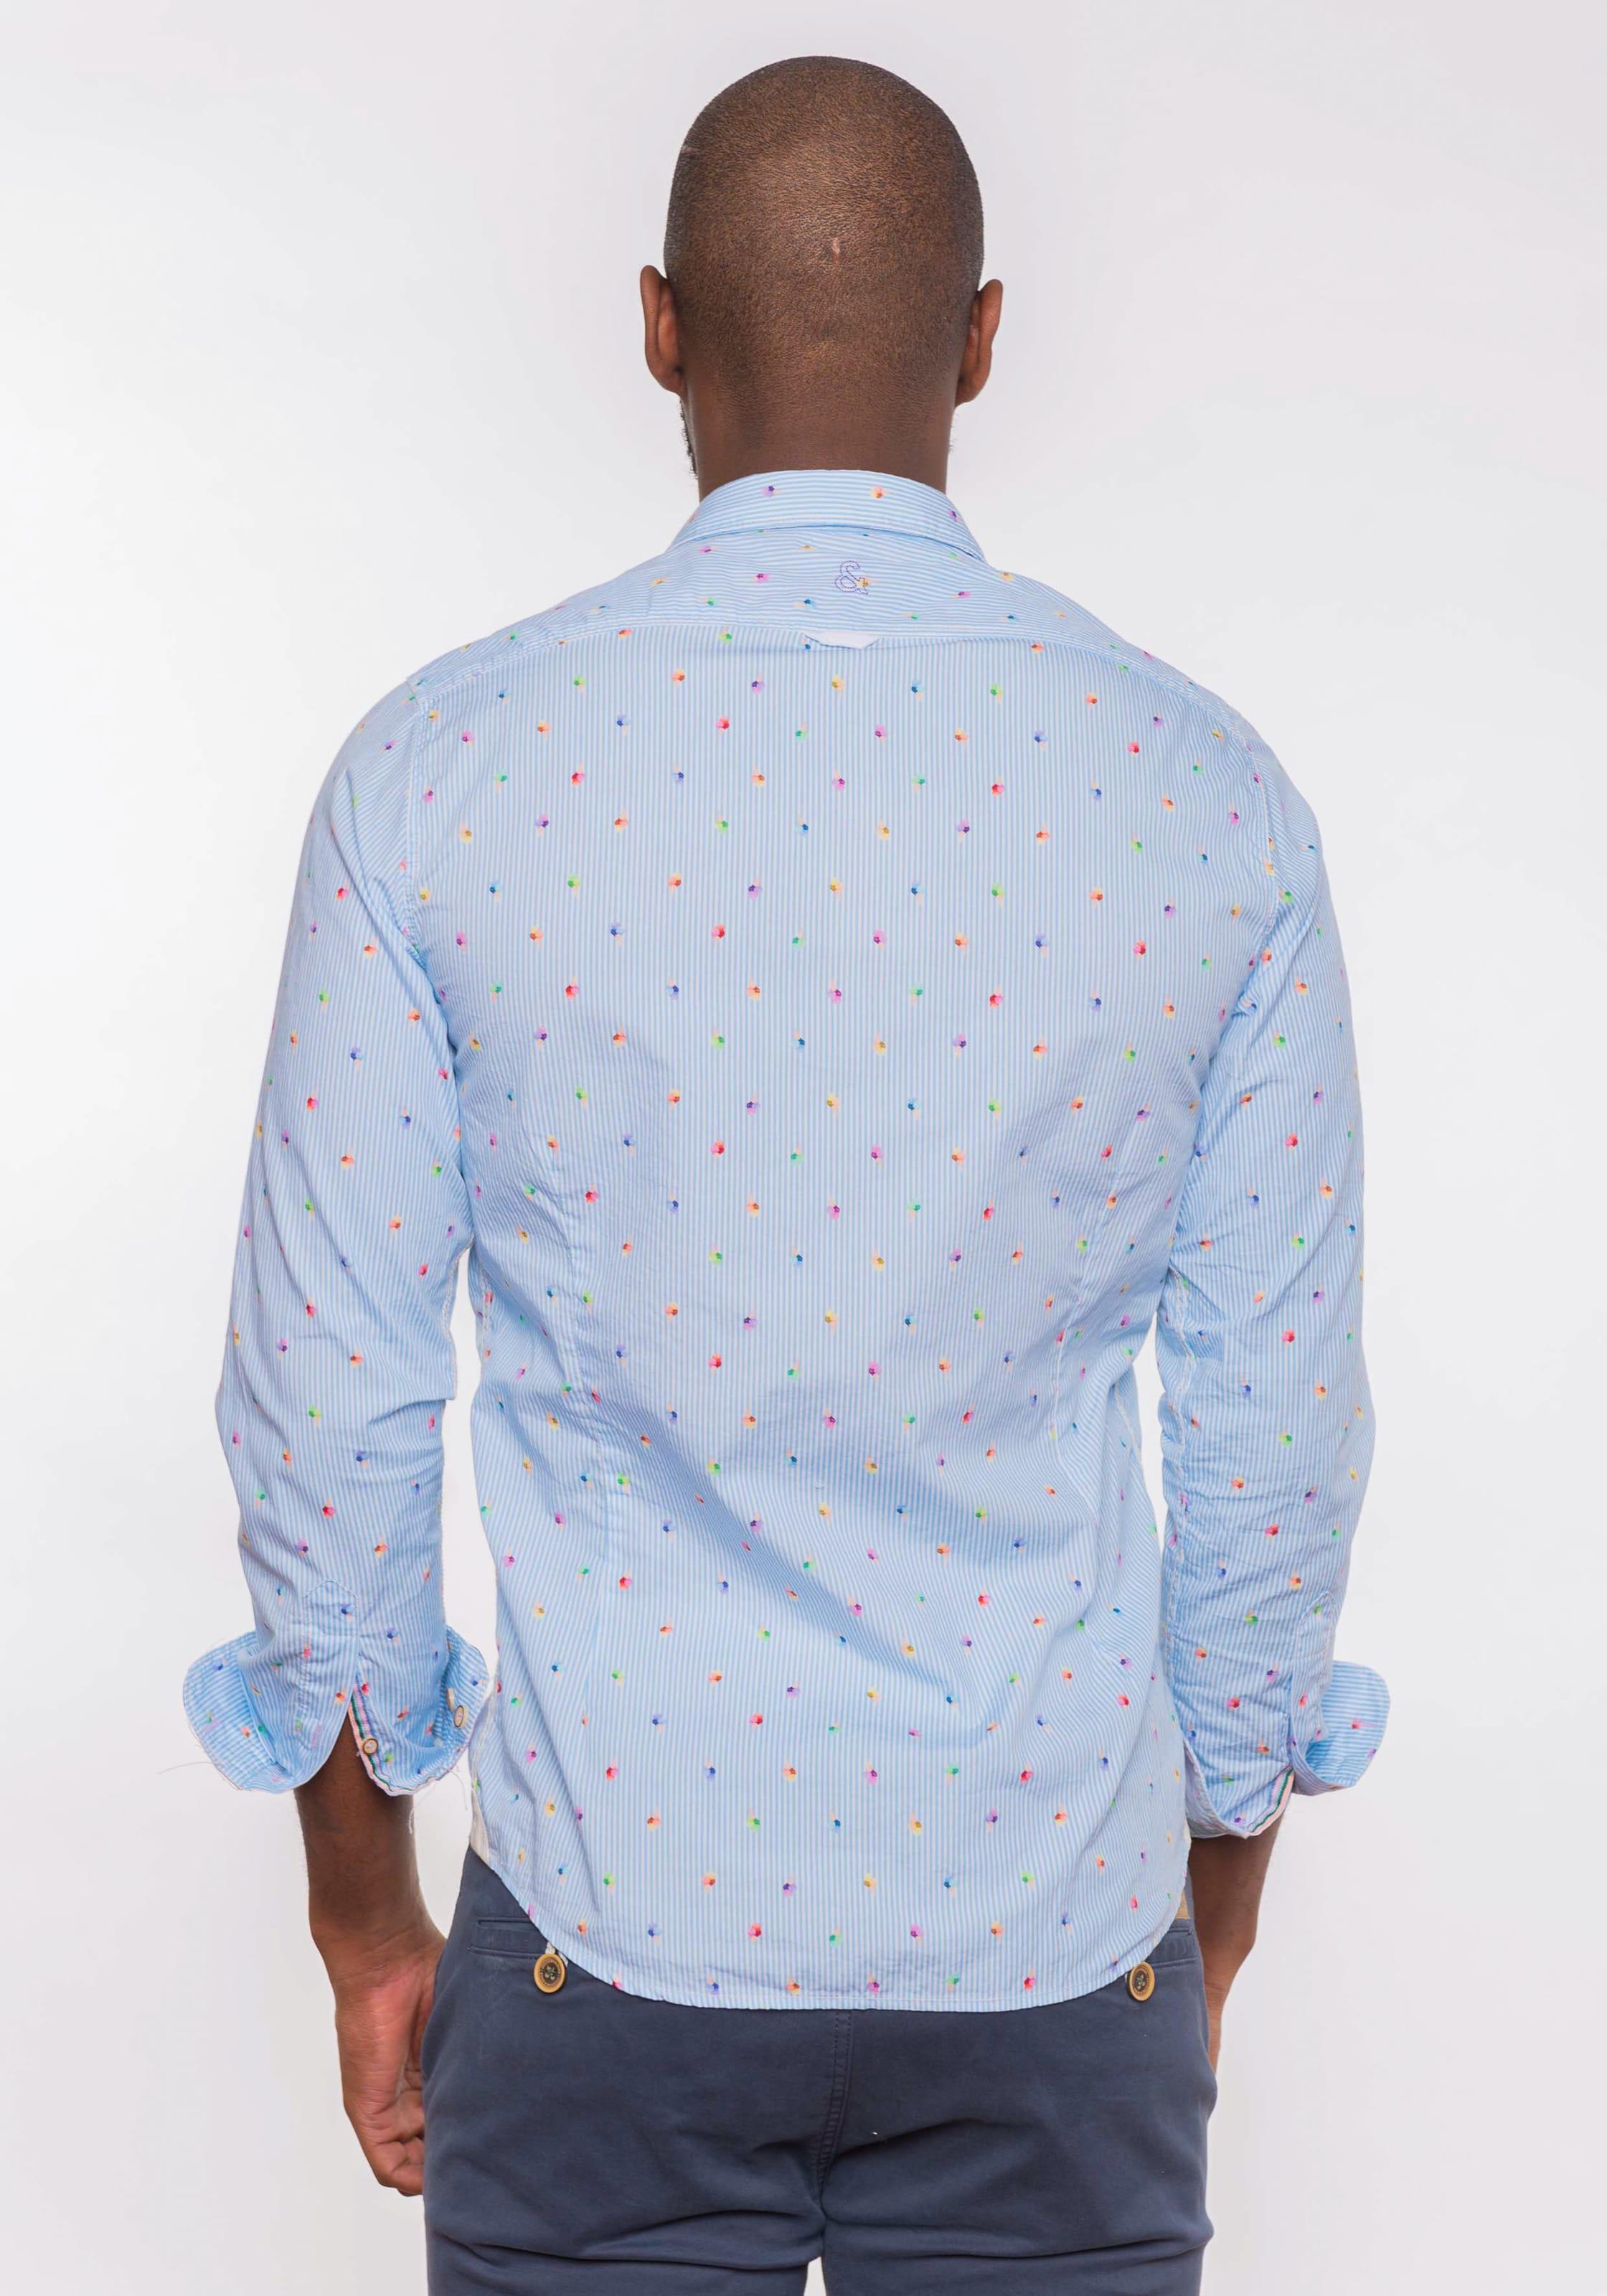 Coloursamp; In Hemd 'michael' BlauMischfarben Sons BodQrxCeW